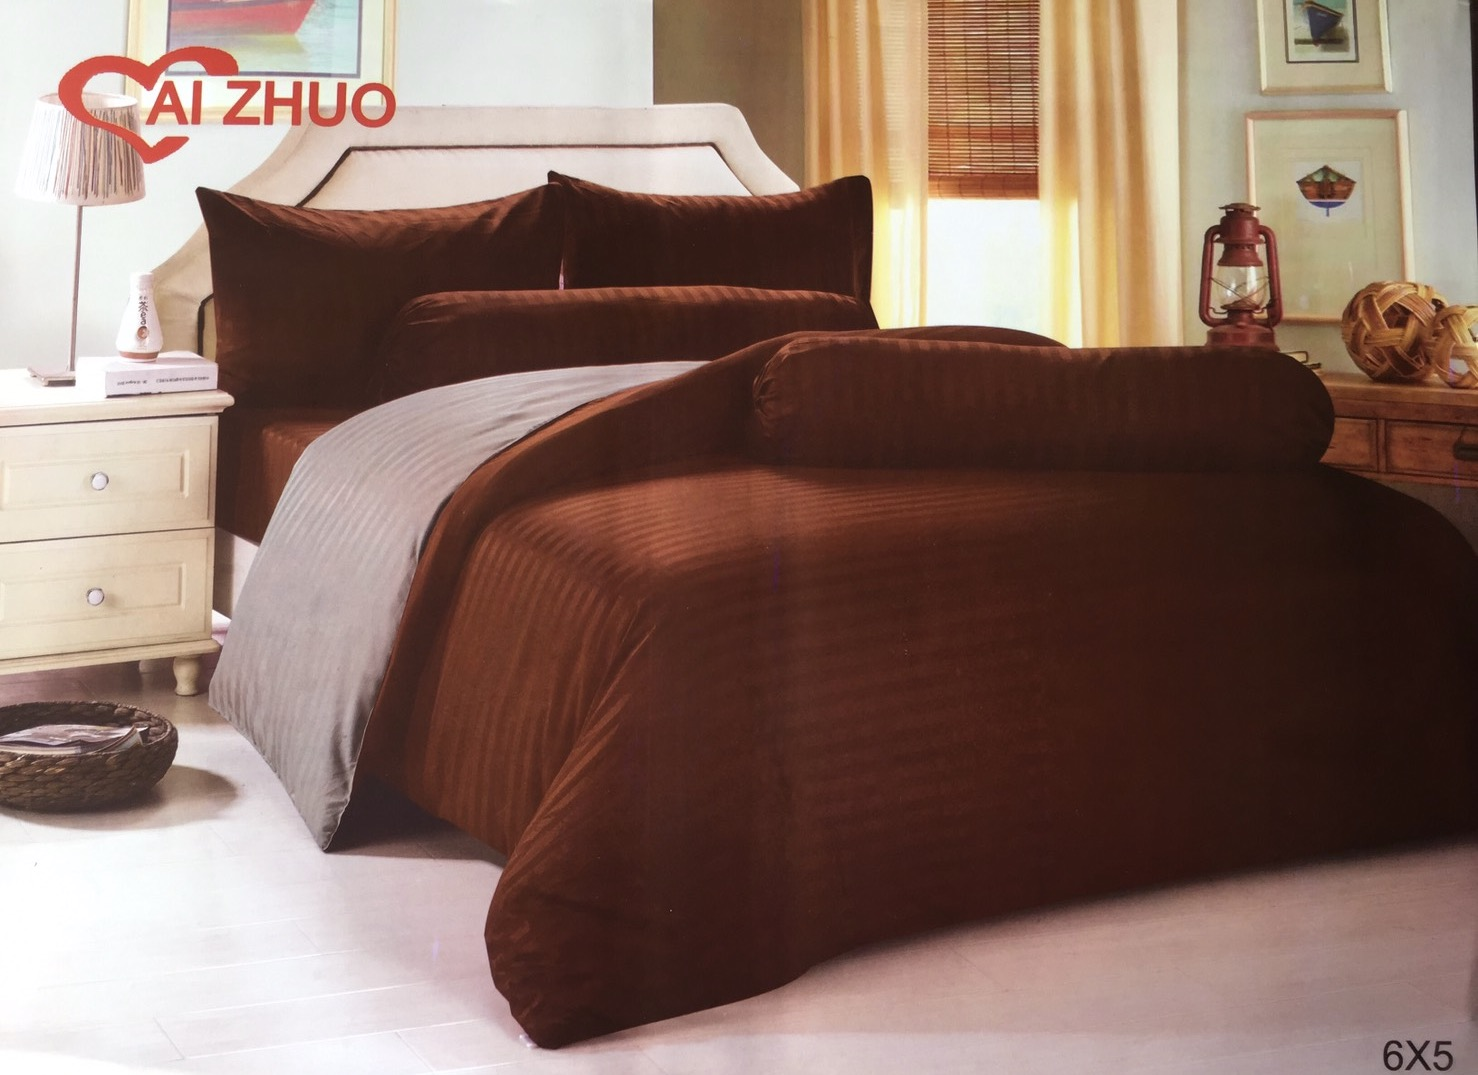 ชุดผ้าปูที่นอนสีพื้น ขนาด 6 ฟุต, 5 ฟุต, 3.5 ฟุต